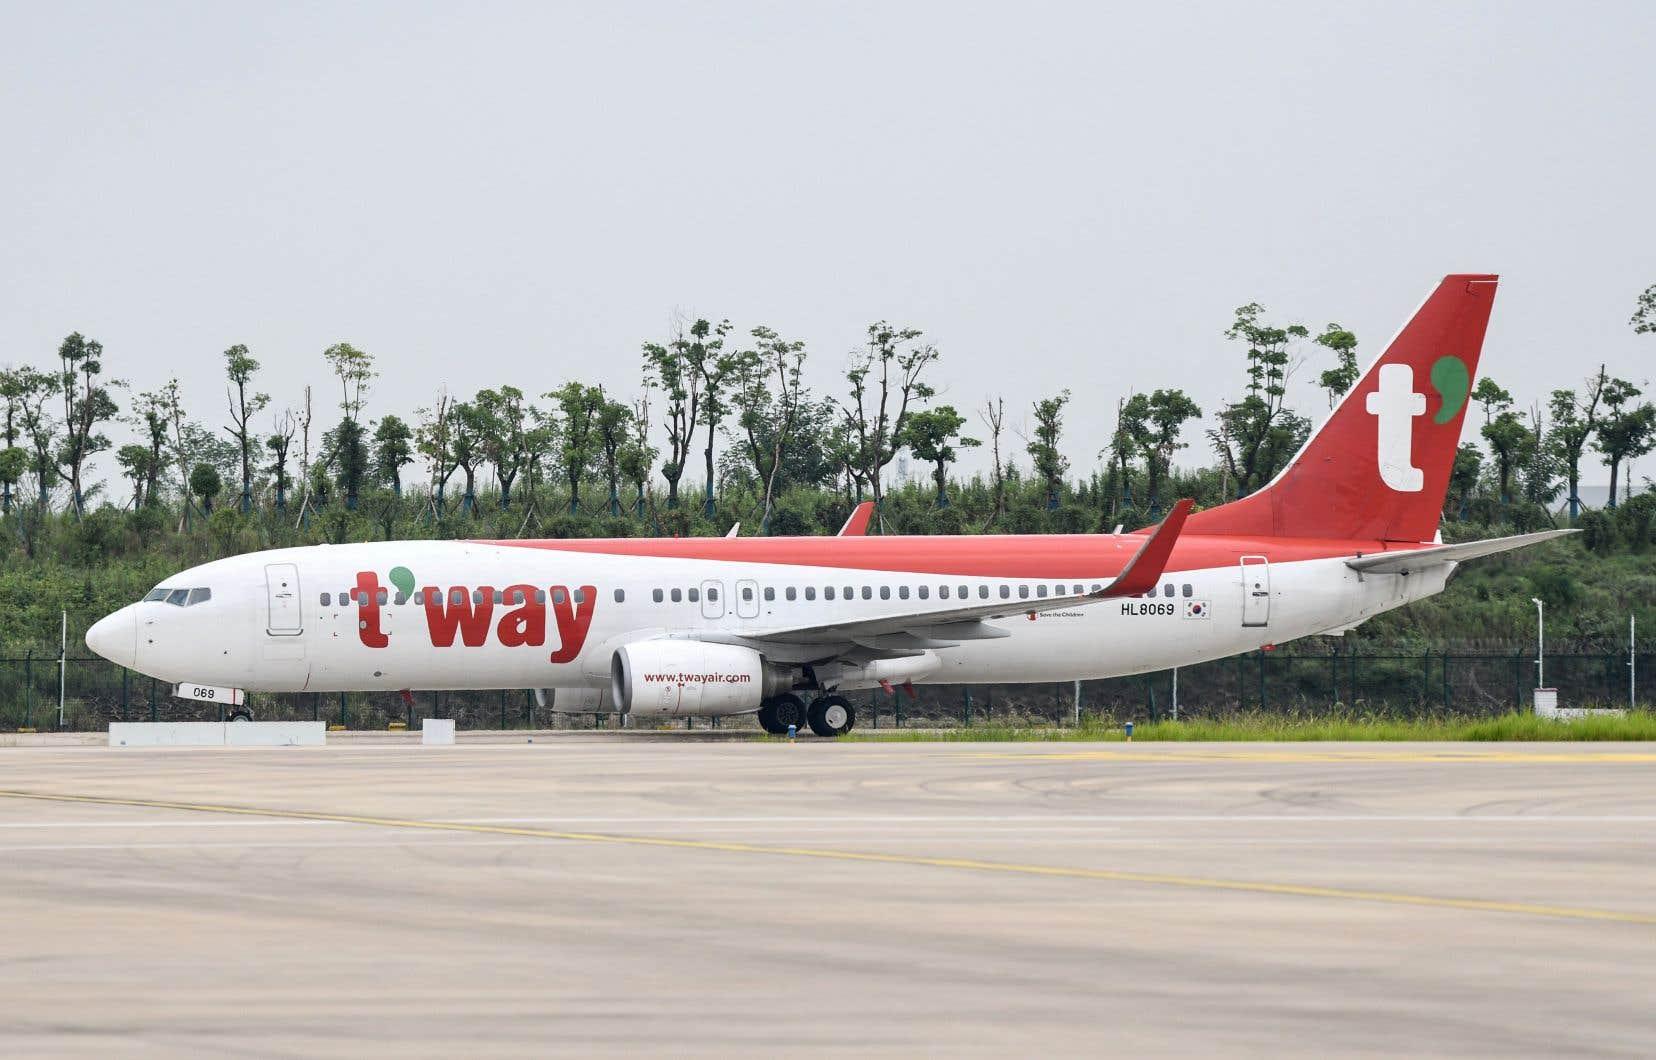 <p>Un avion de la compagnie sud-coréenne à bas prix T'way a atterri mercredi à l'aéroport international Tianhe de Wuhan avec à son bord 60 passagers, a indiqué la télévision publique CCTV.</p>